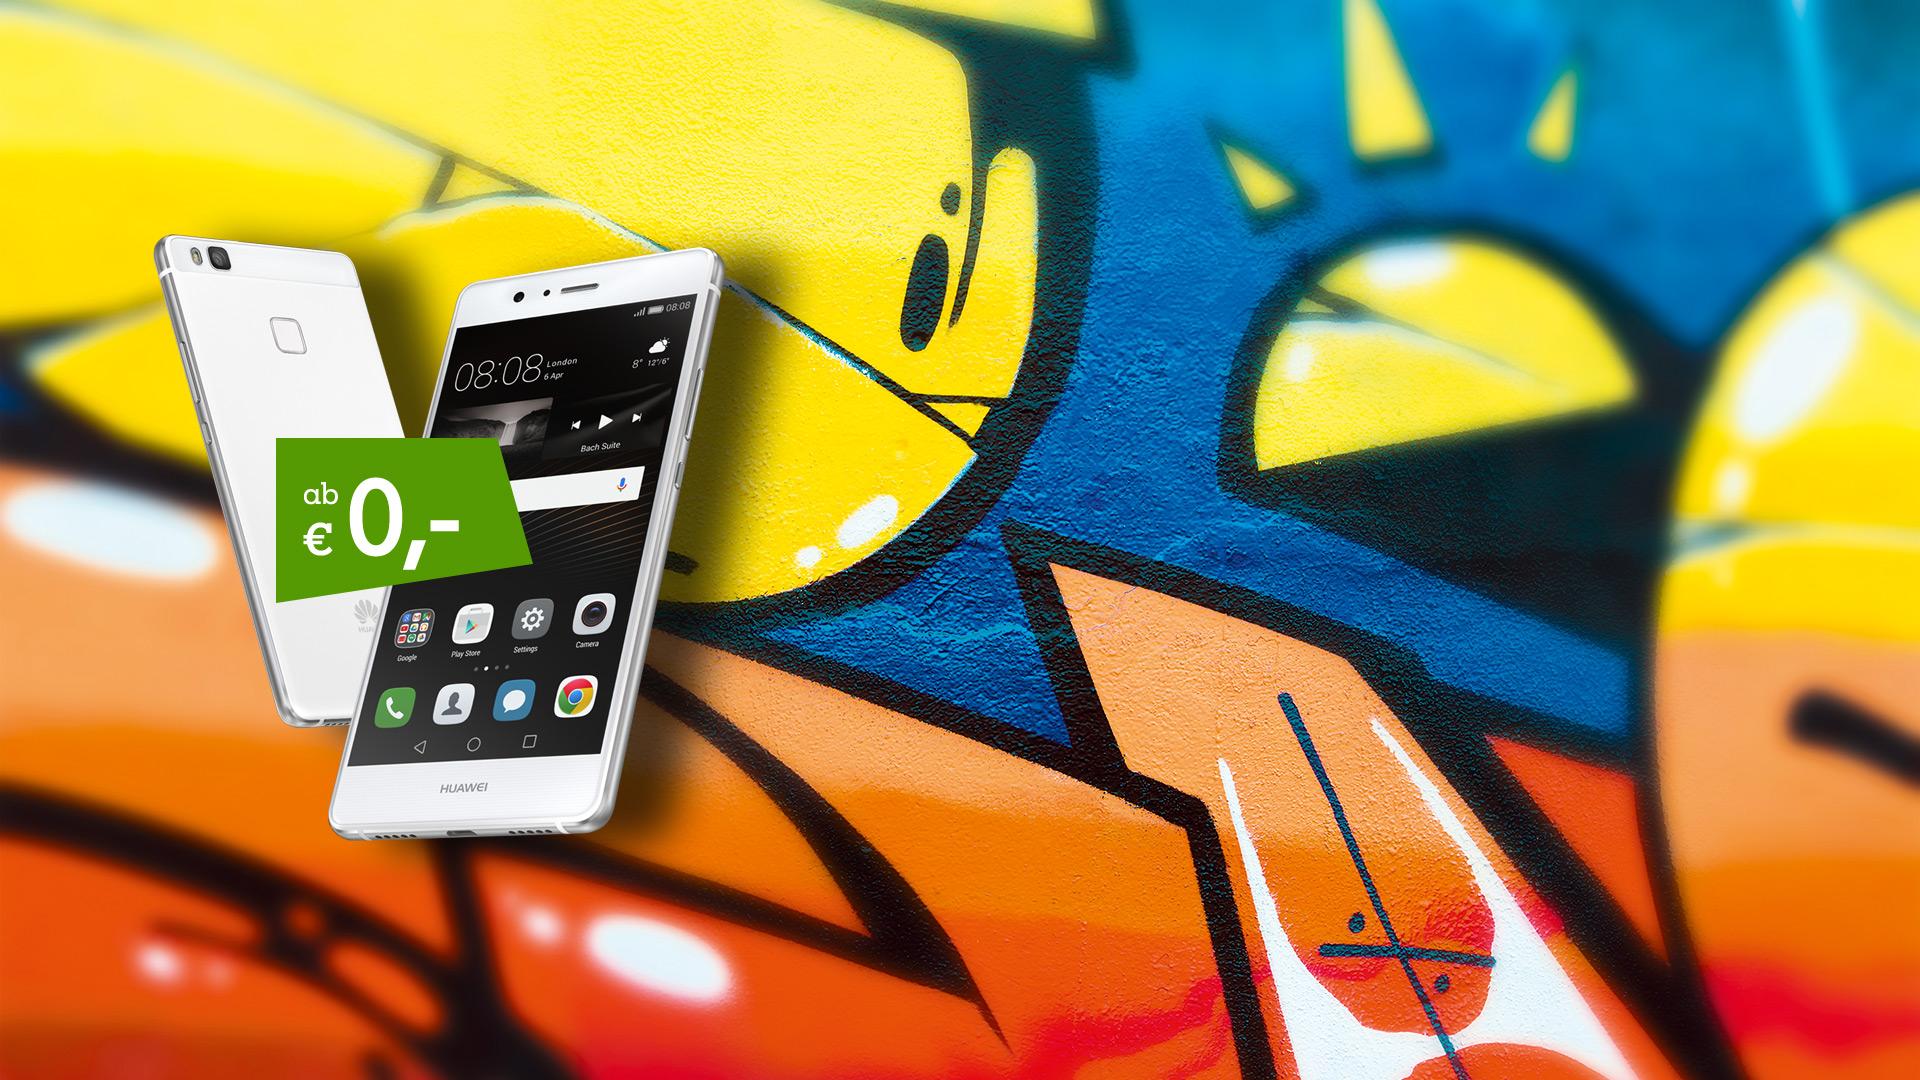 Huawei P9 Lite auf Graffiti-Hintergrund